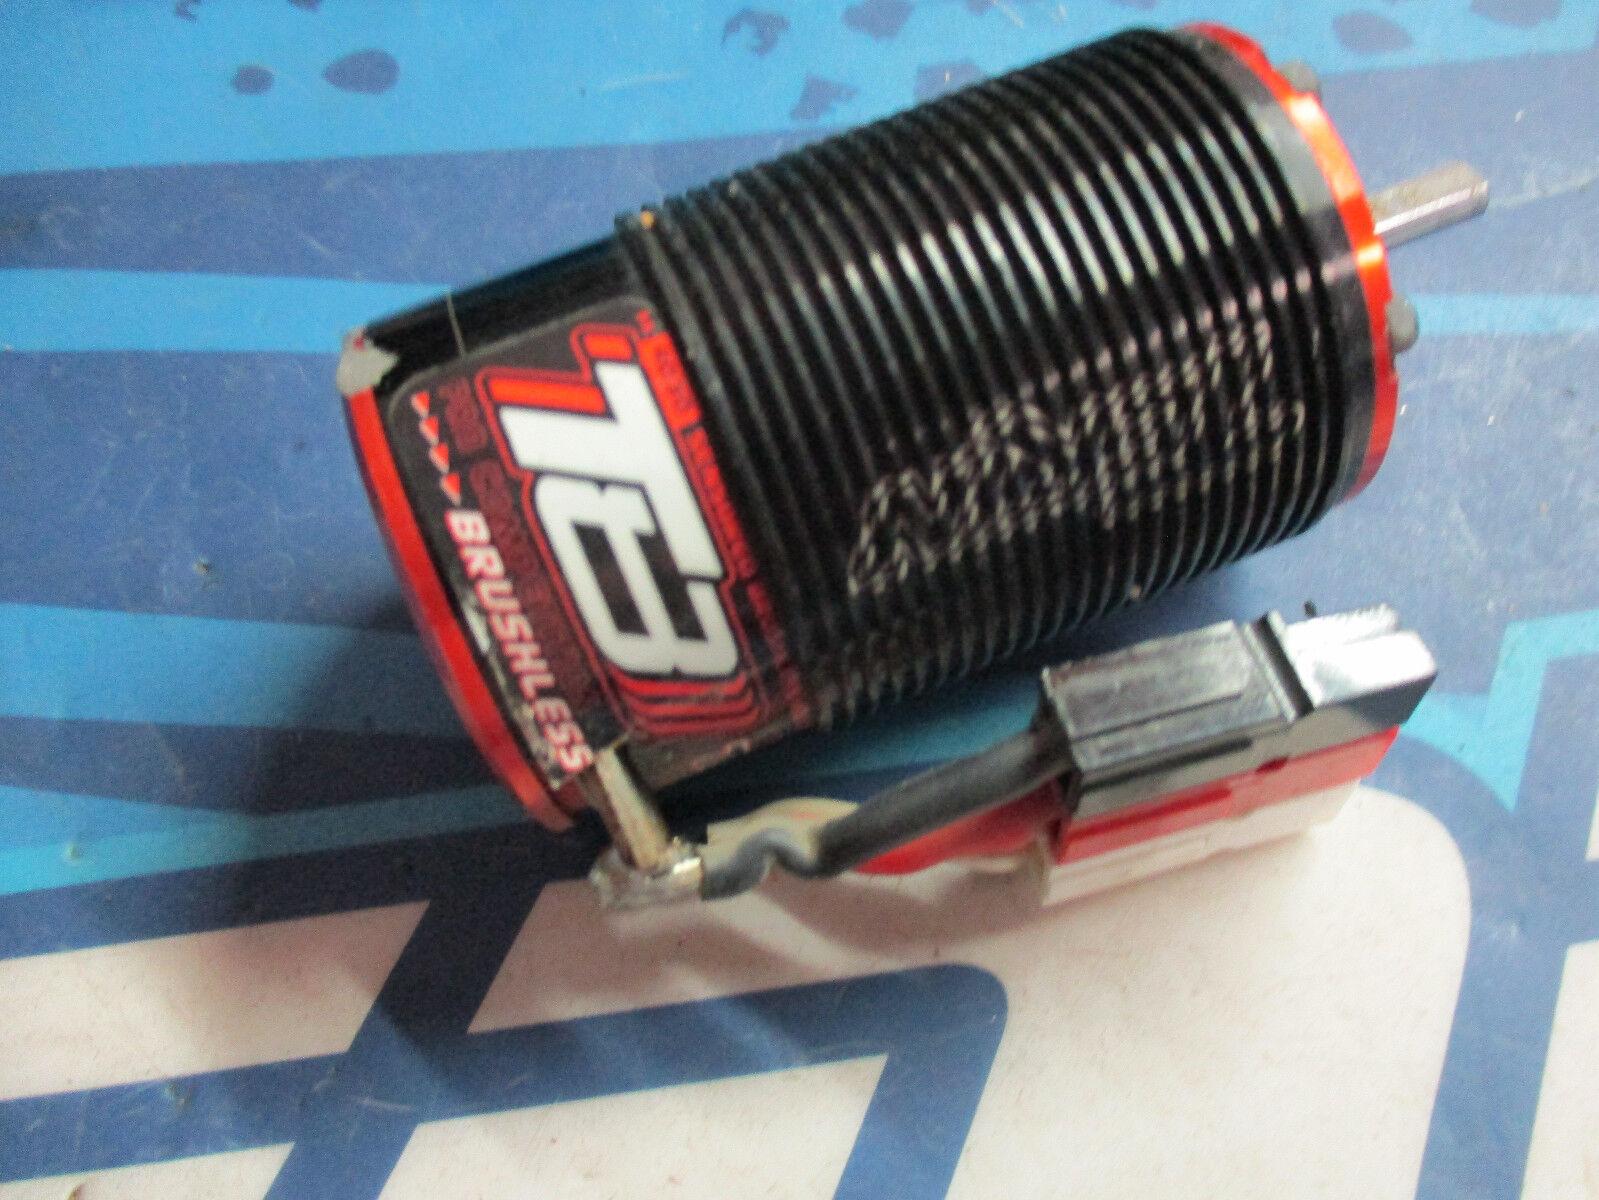 Tekin T8 1900kv 1/8 brushless motor S